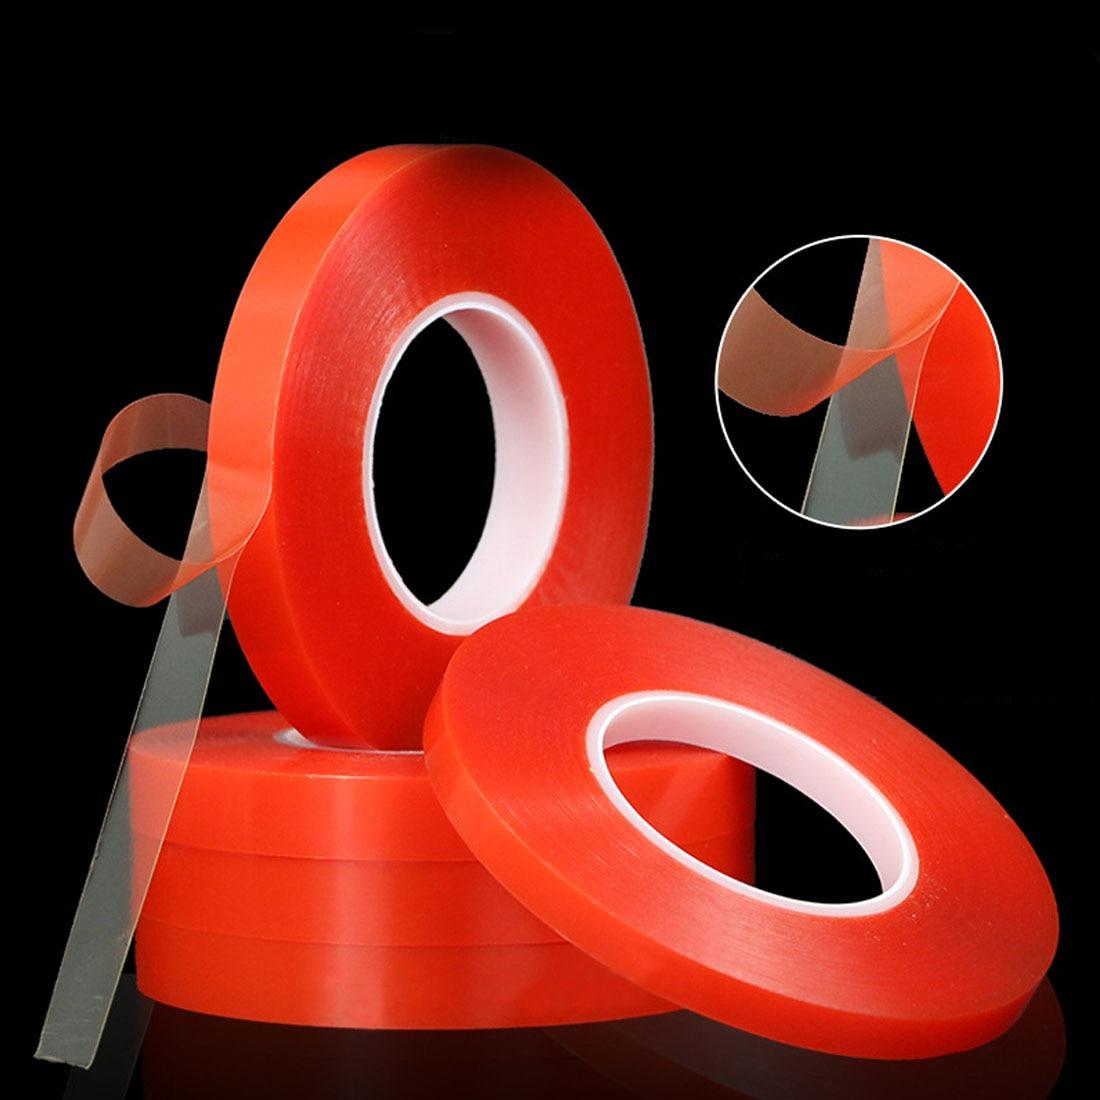 Nouveau Double Face Bande 5mm 50 M Forte Adhésif Acrylique Rouge Film Autocollant Clair pour Mobile Téléphone LCD Panneau D'affichage Écran réparation